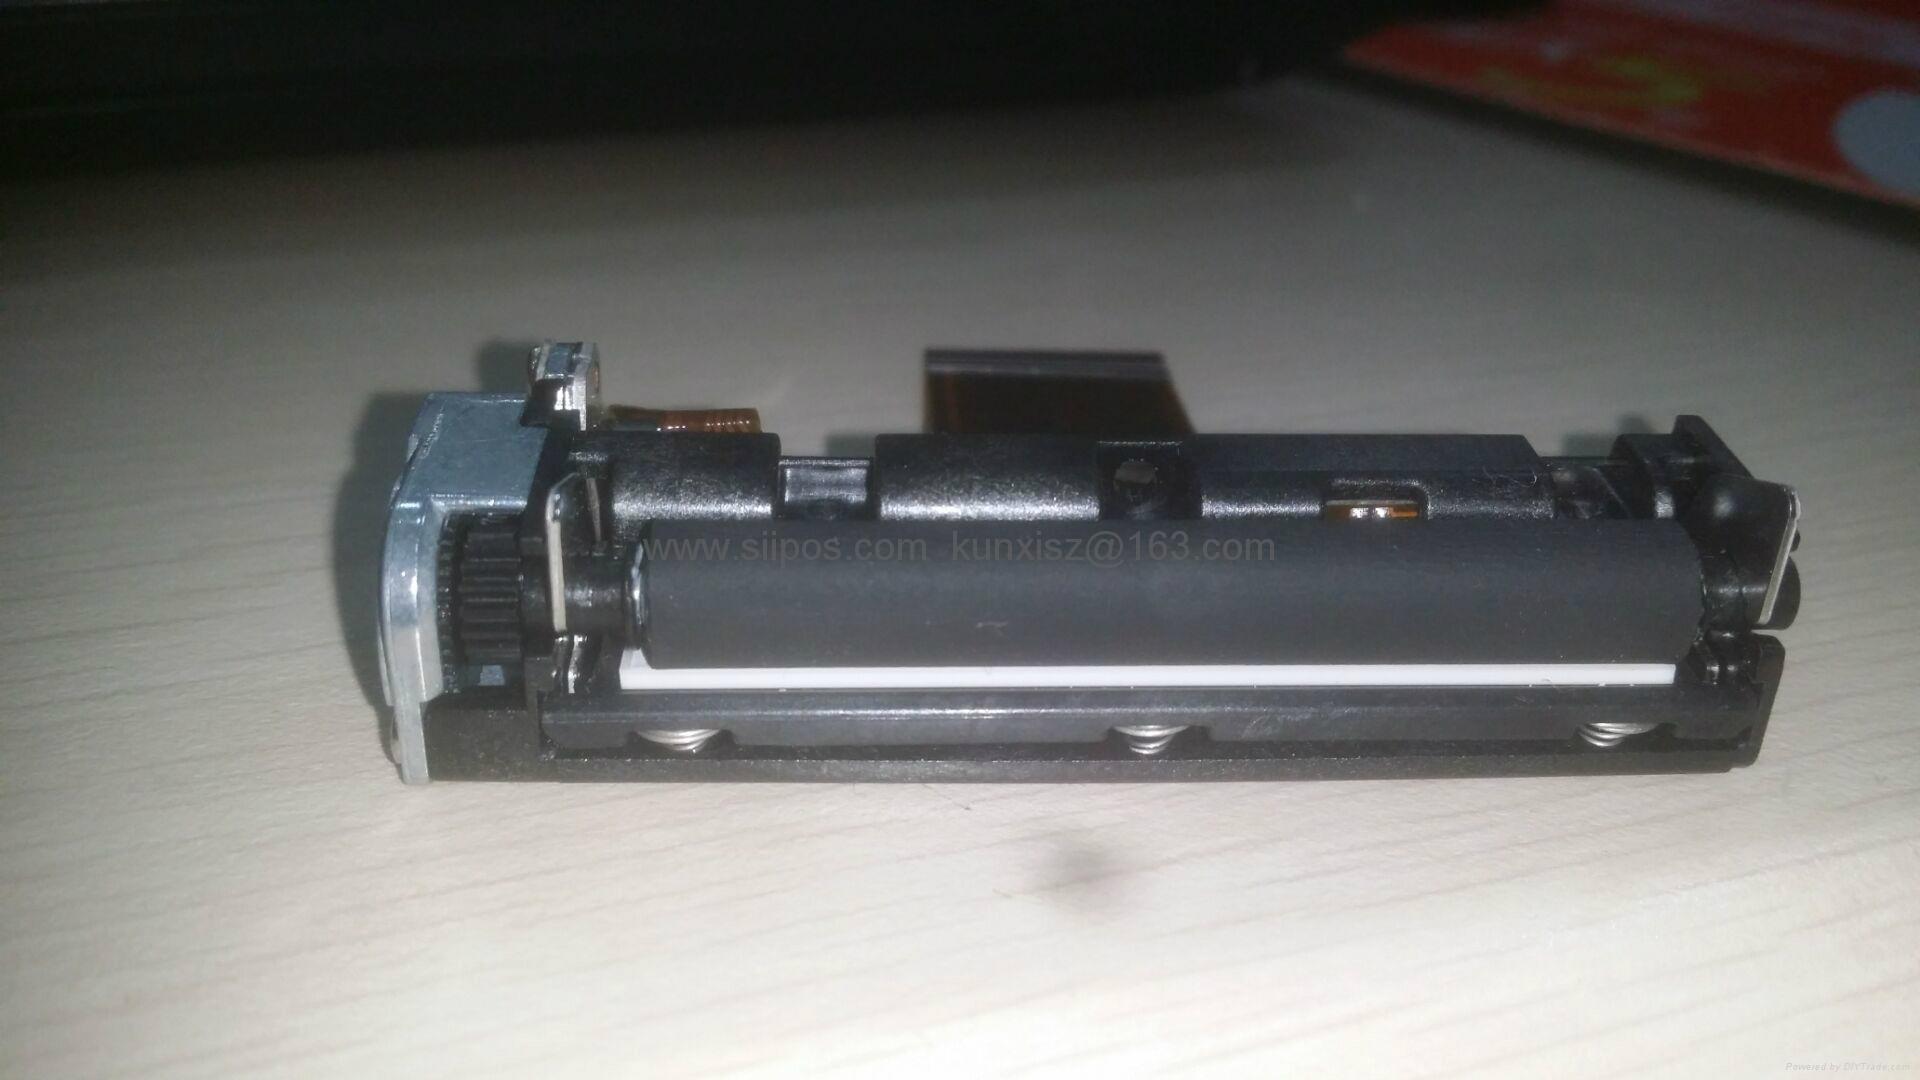 Special offer LTPU245A-C384-E Seiko thermal printer 1